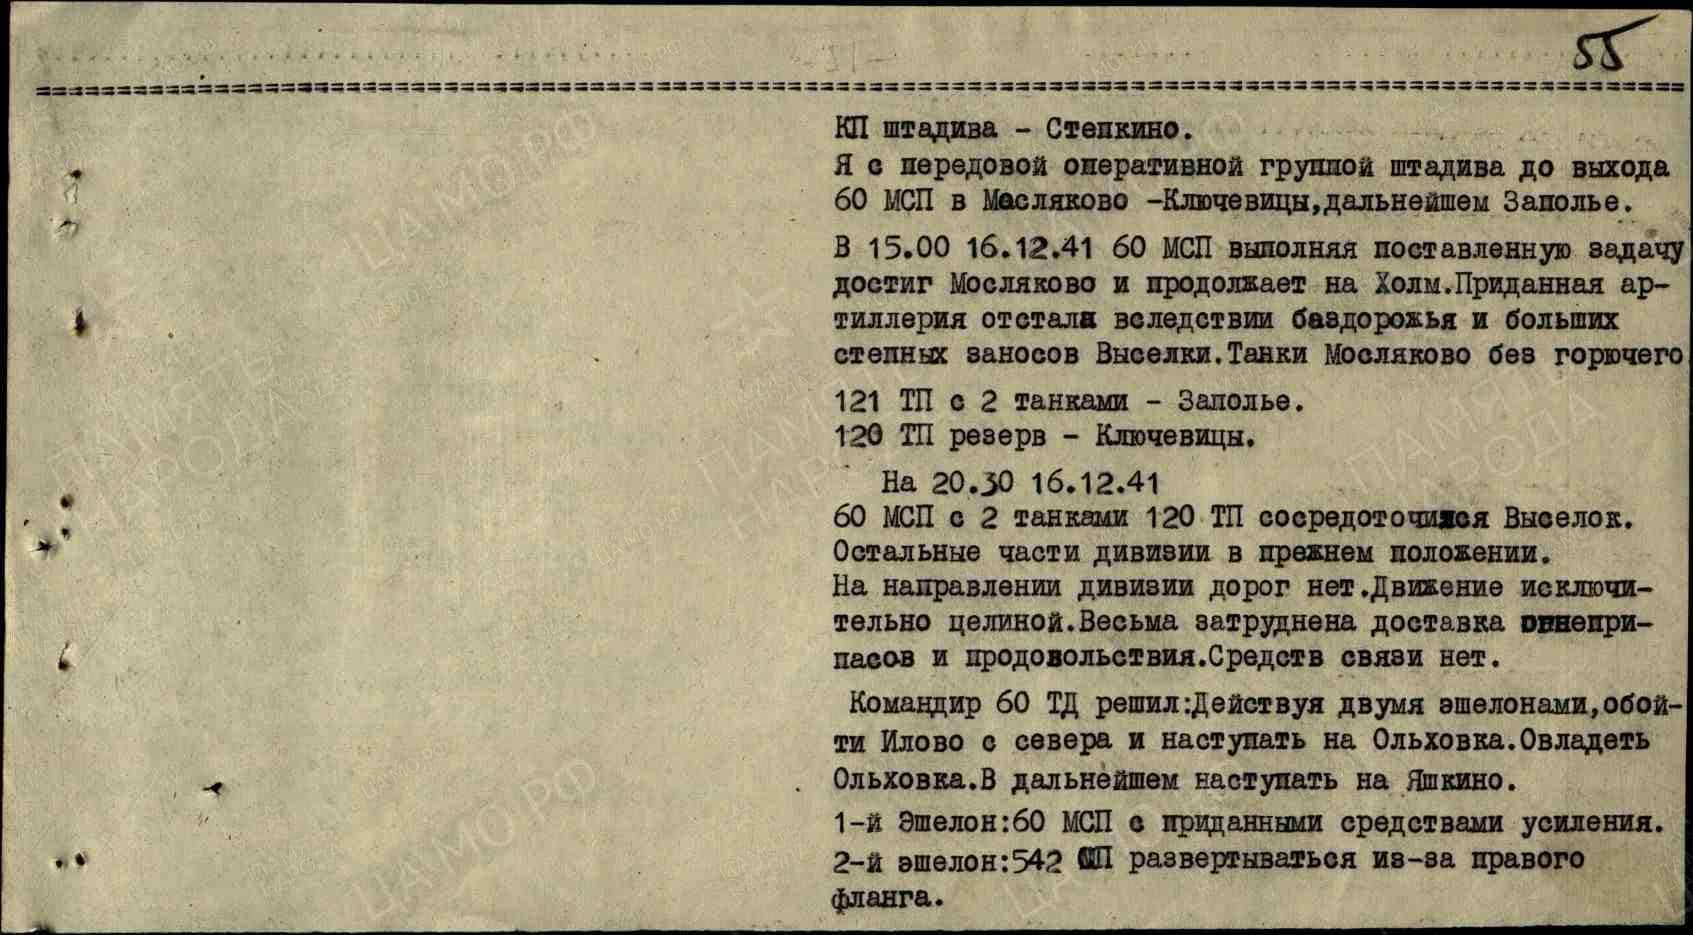 ЖБД60ТД-53